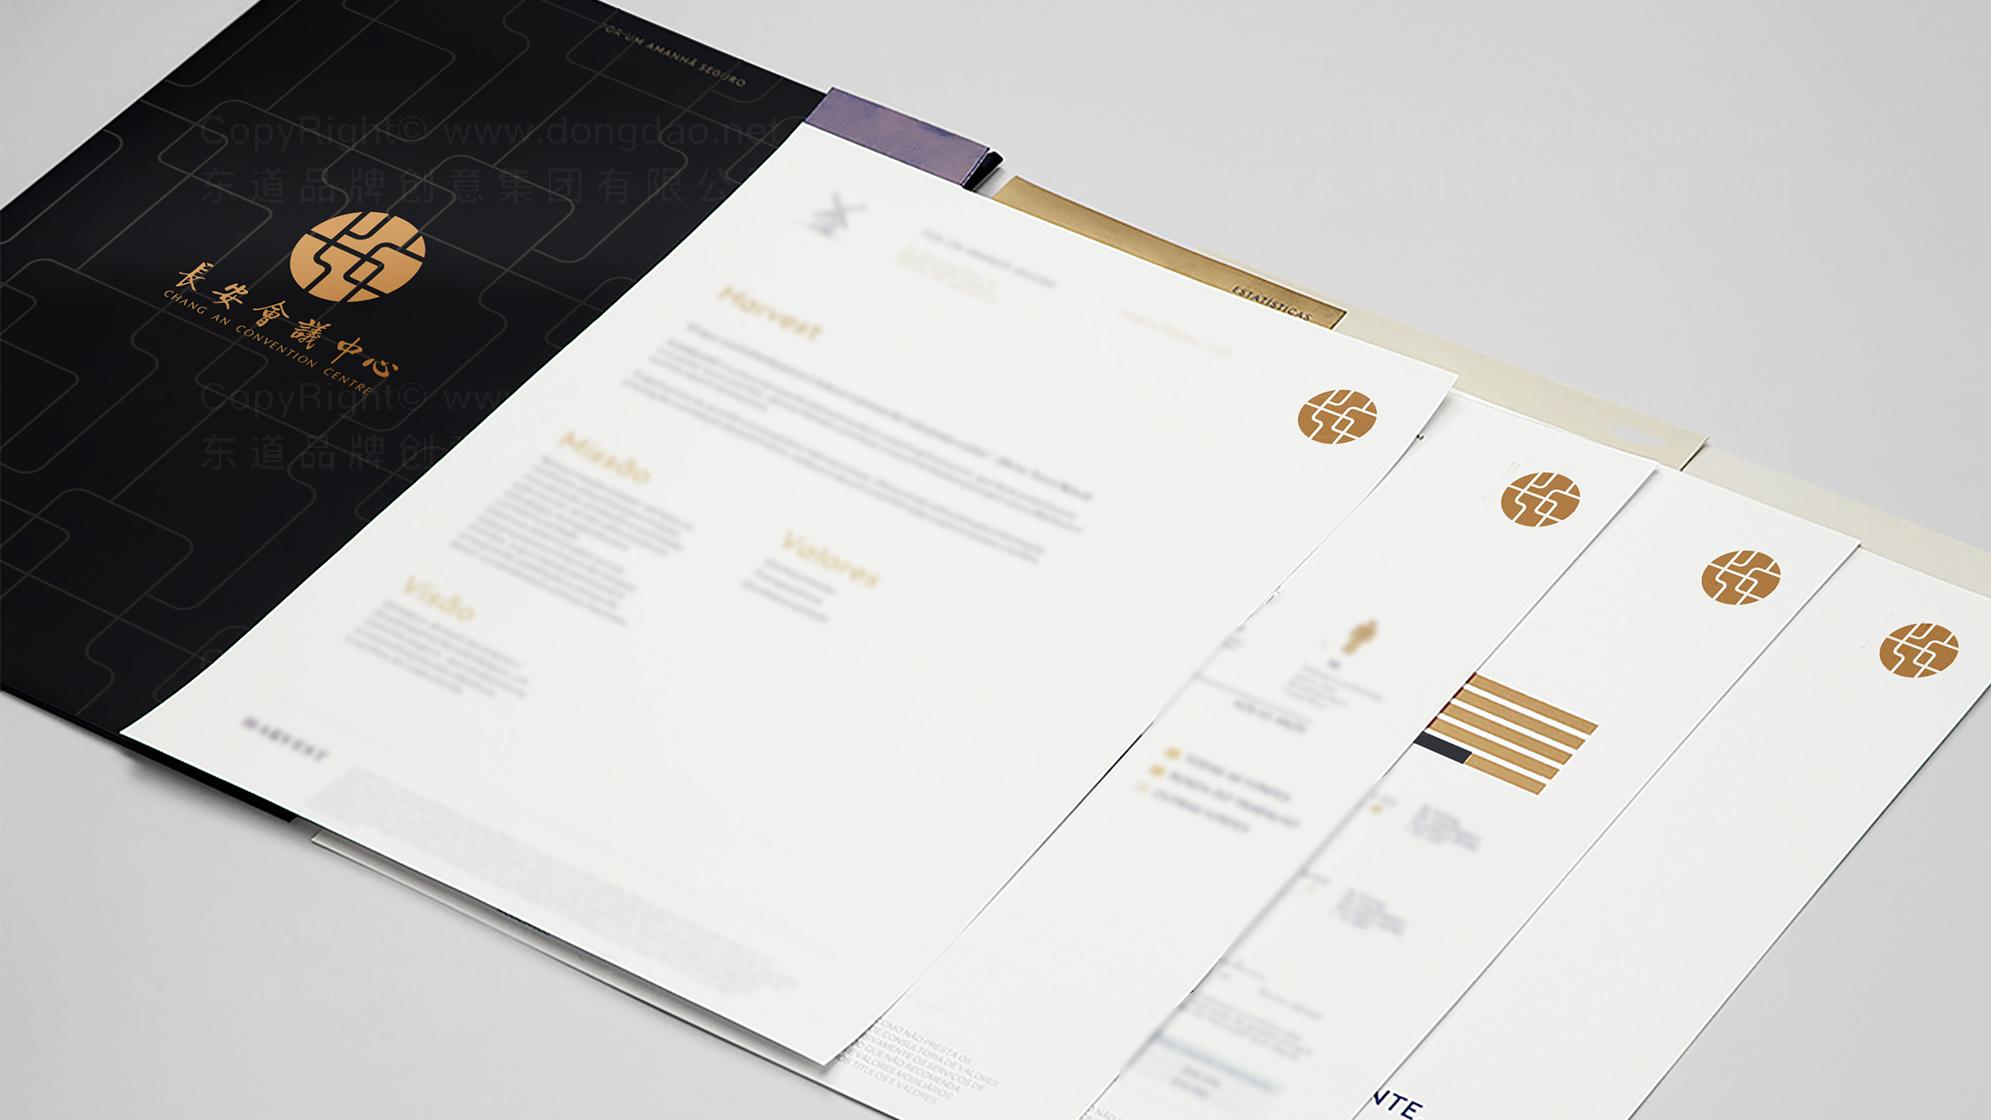 品牌设计长安会议中心LOGO&VI设计应用场景_4